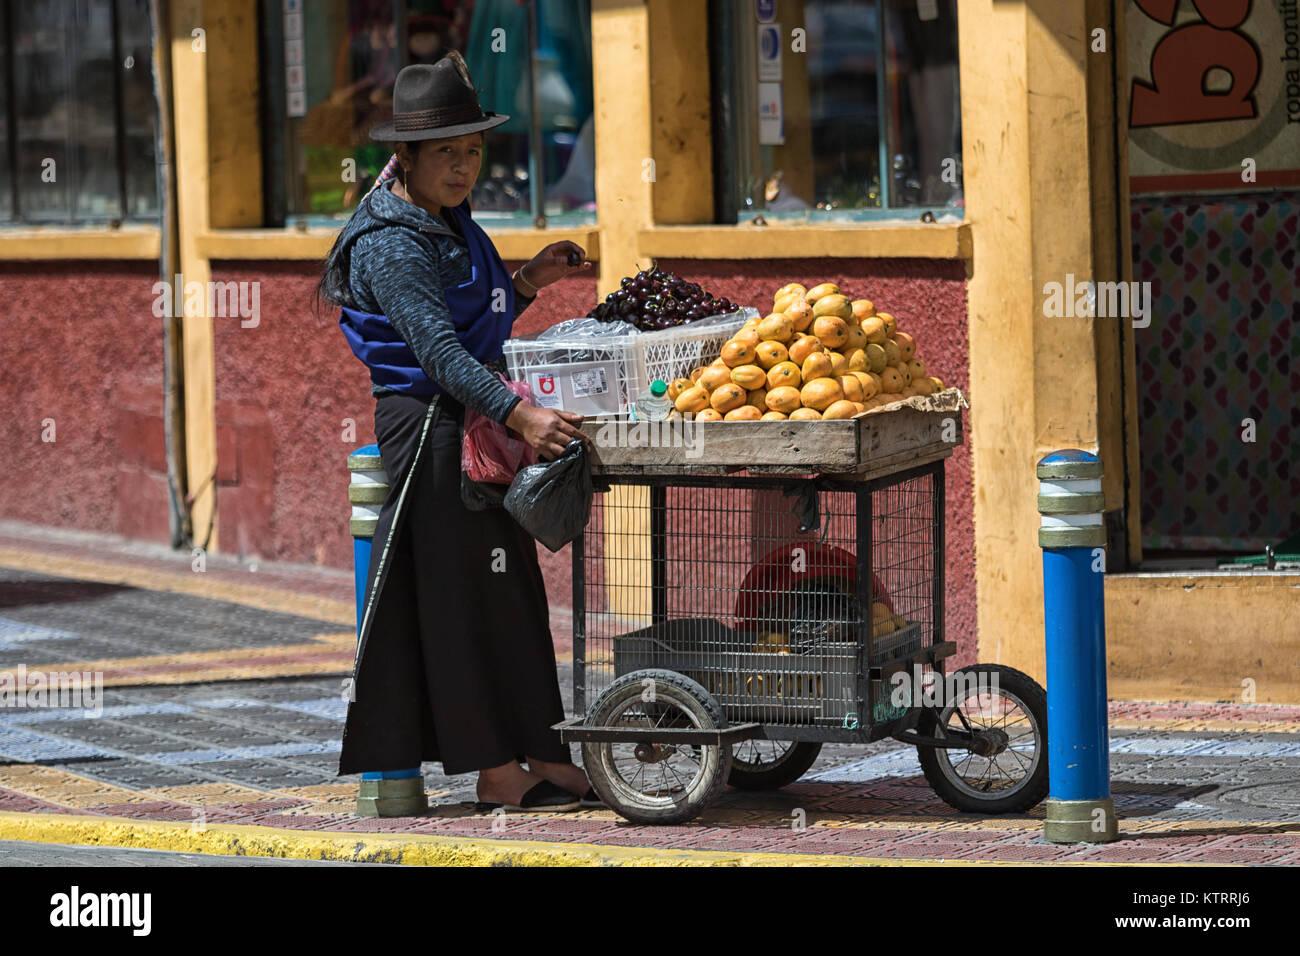 Otavalo, Ecuador-December 23, 2017: la mujer indígena vendiendo frutas om la calle n de la popular ciudad turística Imagen De Stock